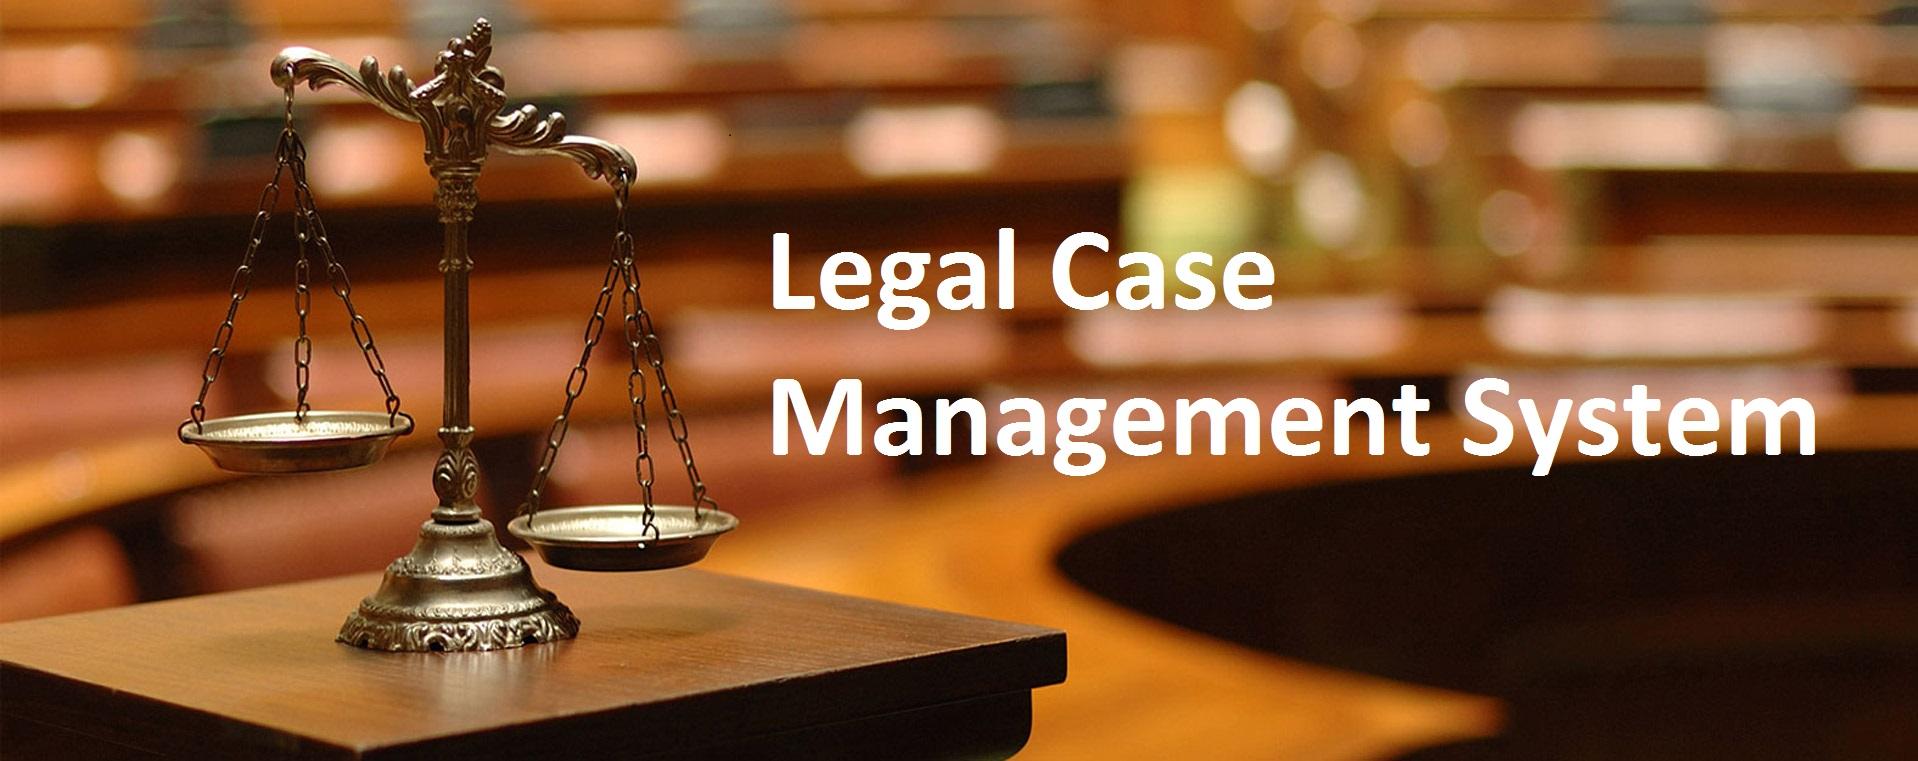 Legal Case Management Software Legal Case Management